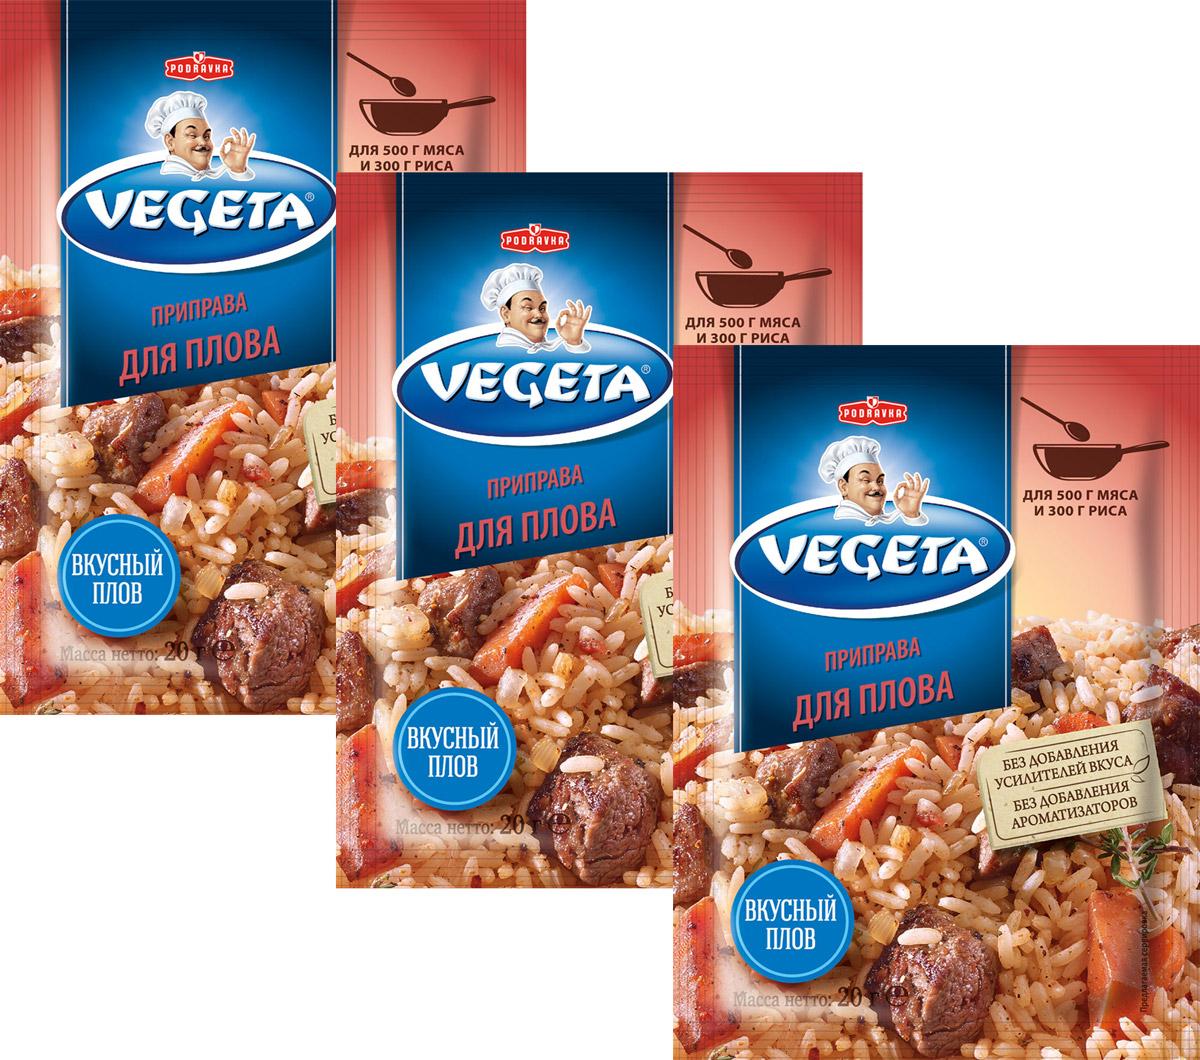 Vegeta приправа для плова, 3 пакета по 20 г0120710Специи, входящие в состав приправы Vegeta для плова, дополняют вкус моркови, лука, баранины, риса и других ингредиентов, из которых состоит плов, и тогда, благодаря секретной добавке, это блюдо превращается в ваше настоящее гастрономическое оружие, с помощью которого вы легко завоюете даже самых взыскательных гостей и членов вашей семьи.